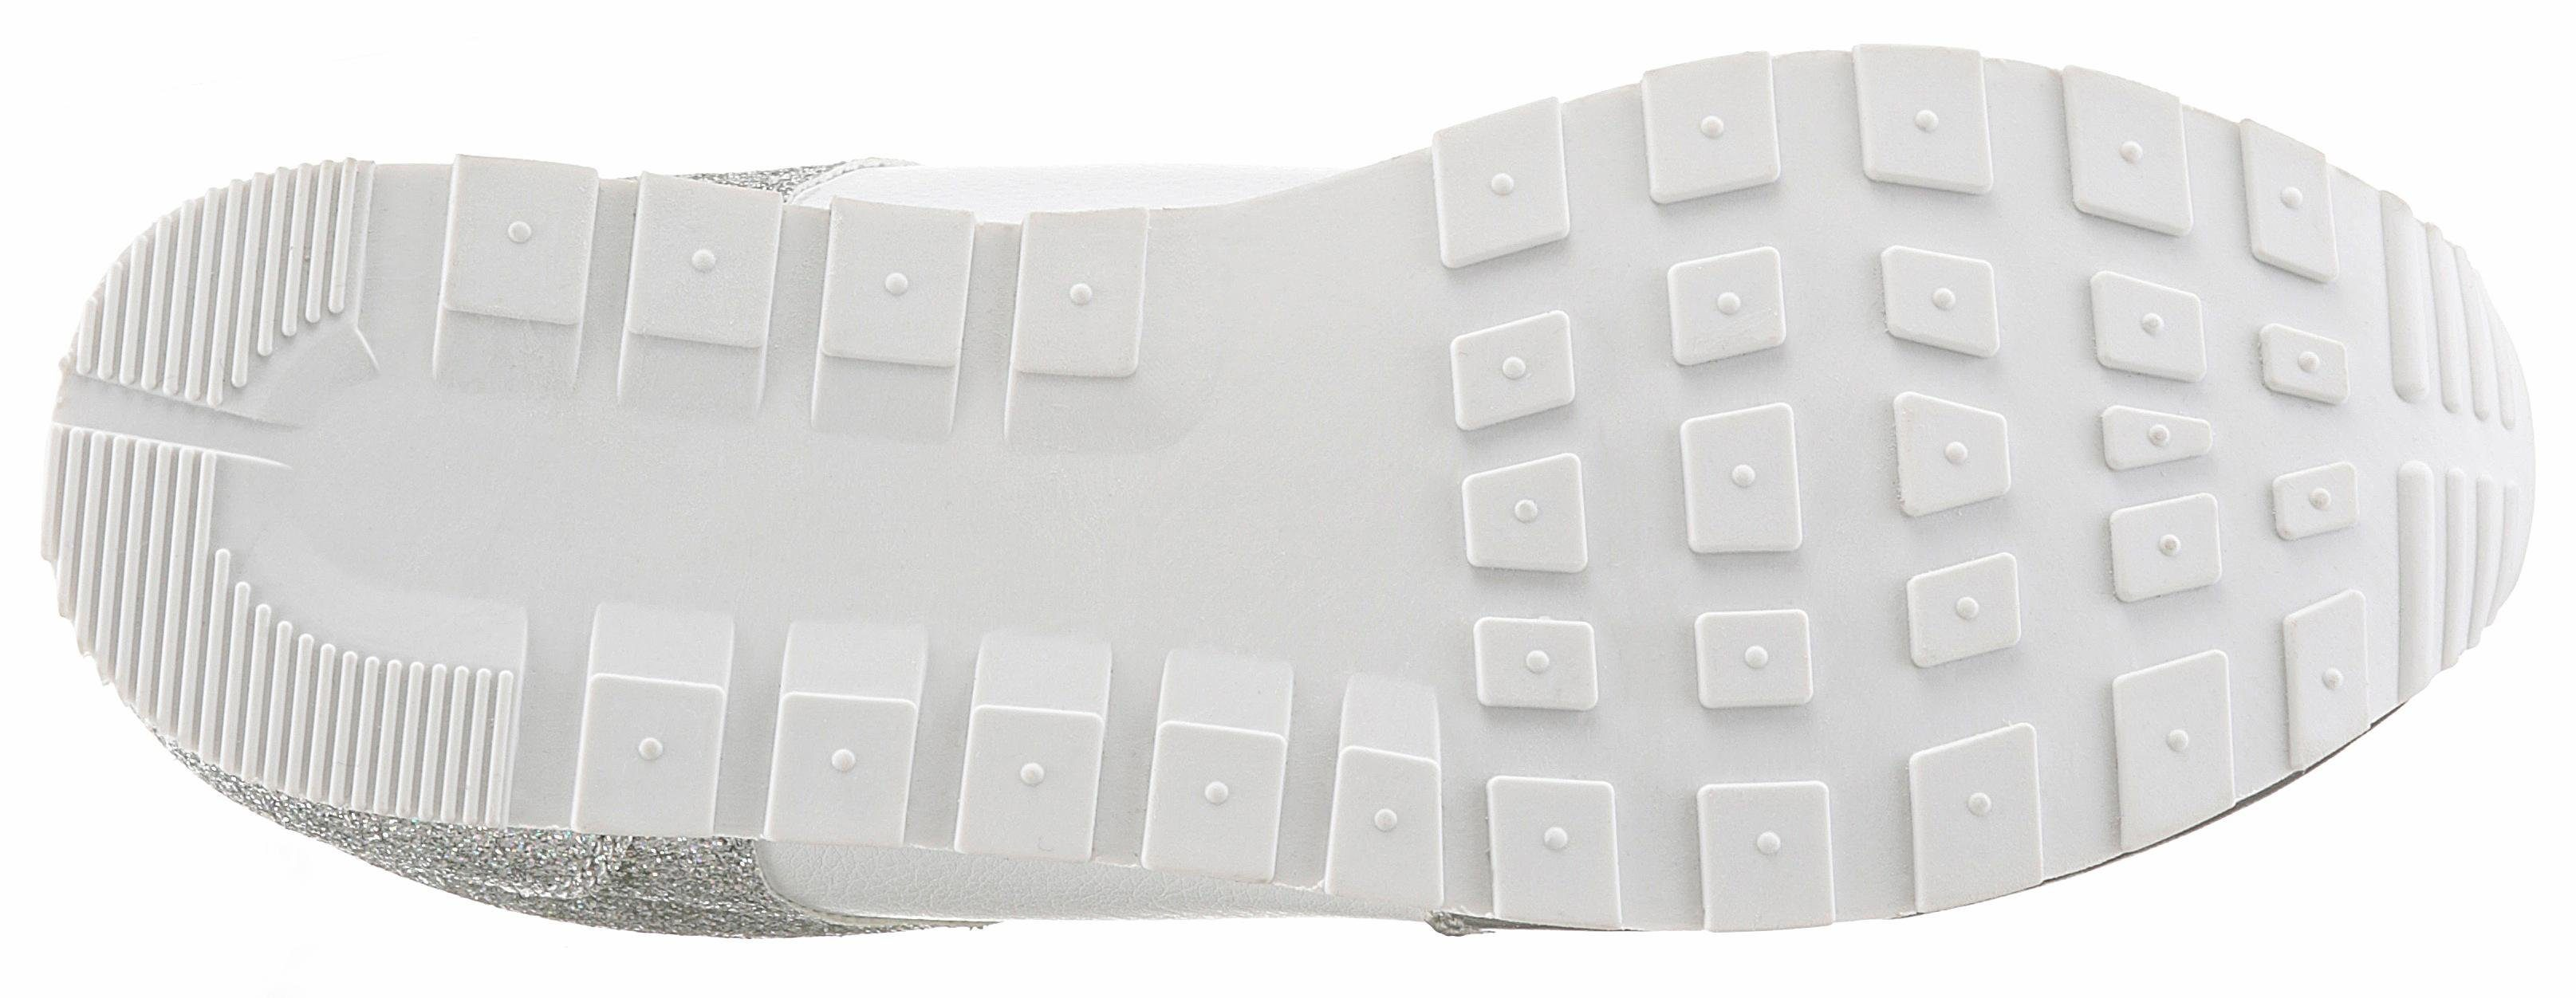 CITY WALK Sneaker, mit Metallic-Einsatz und Glitter-Details online kaufen  silberfarben-weiß